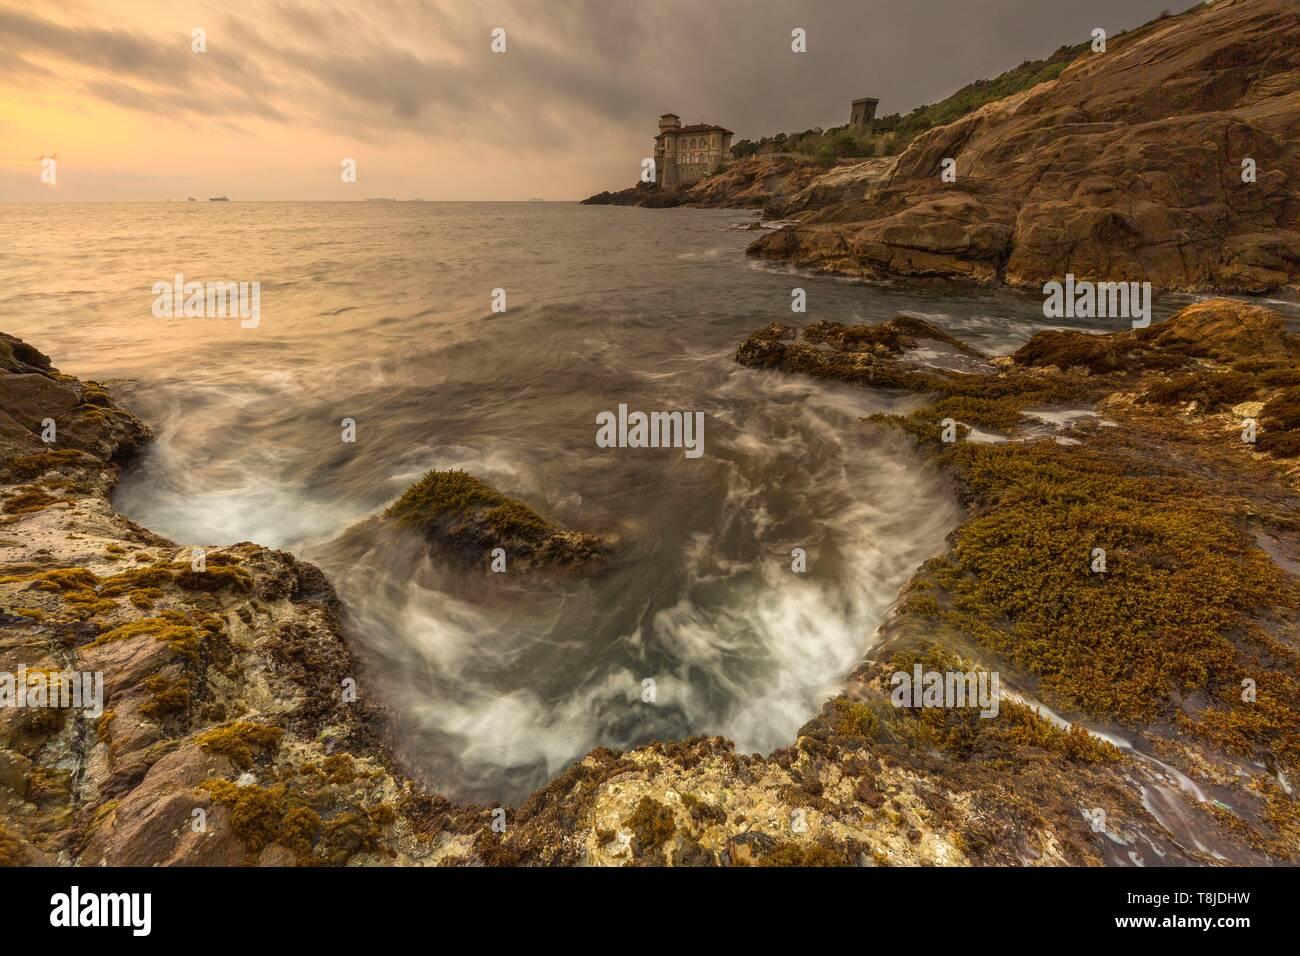 Italy, Tuscany, Livorno, the castello Del Boccale by the sea - Stock Image